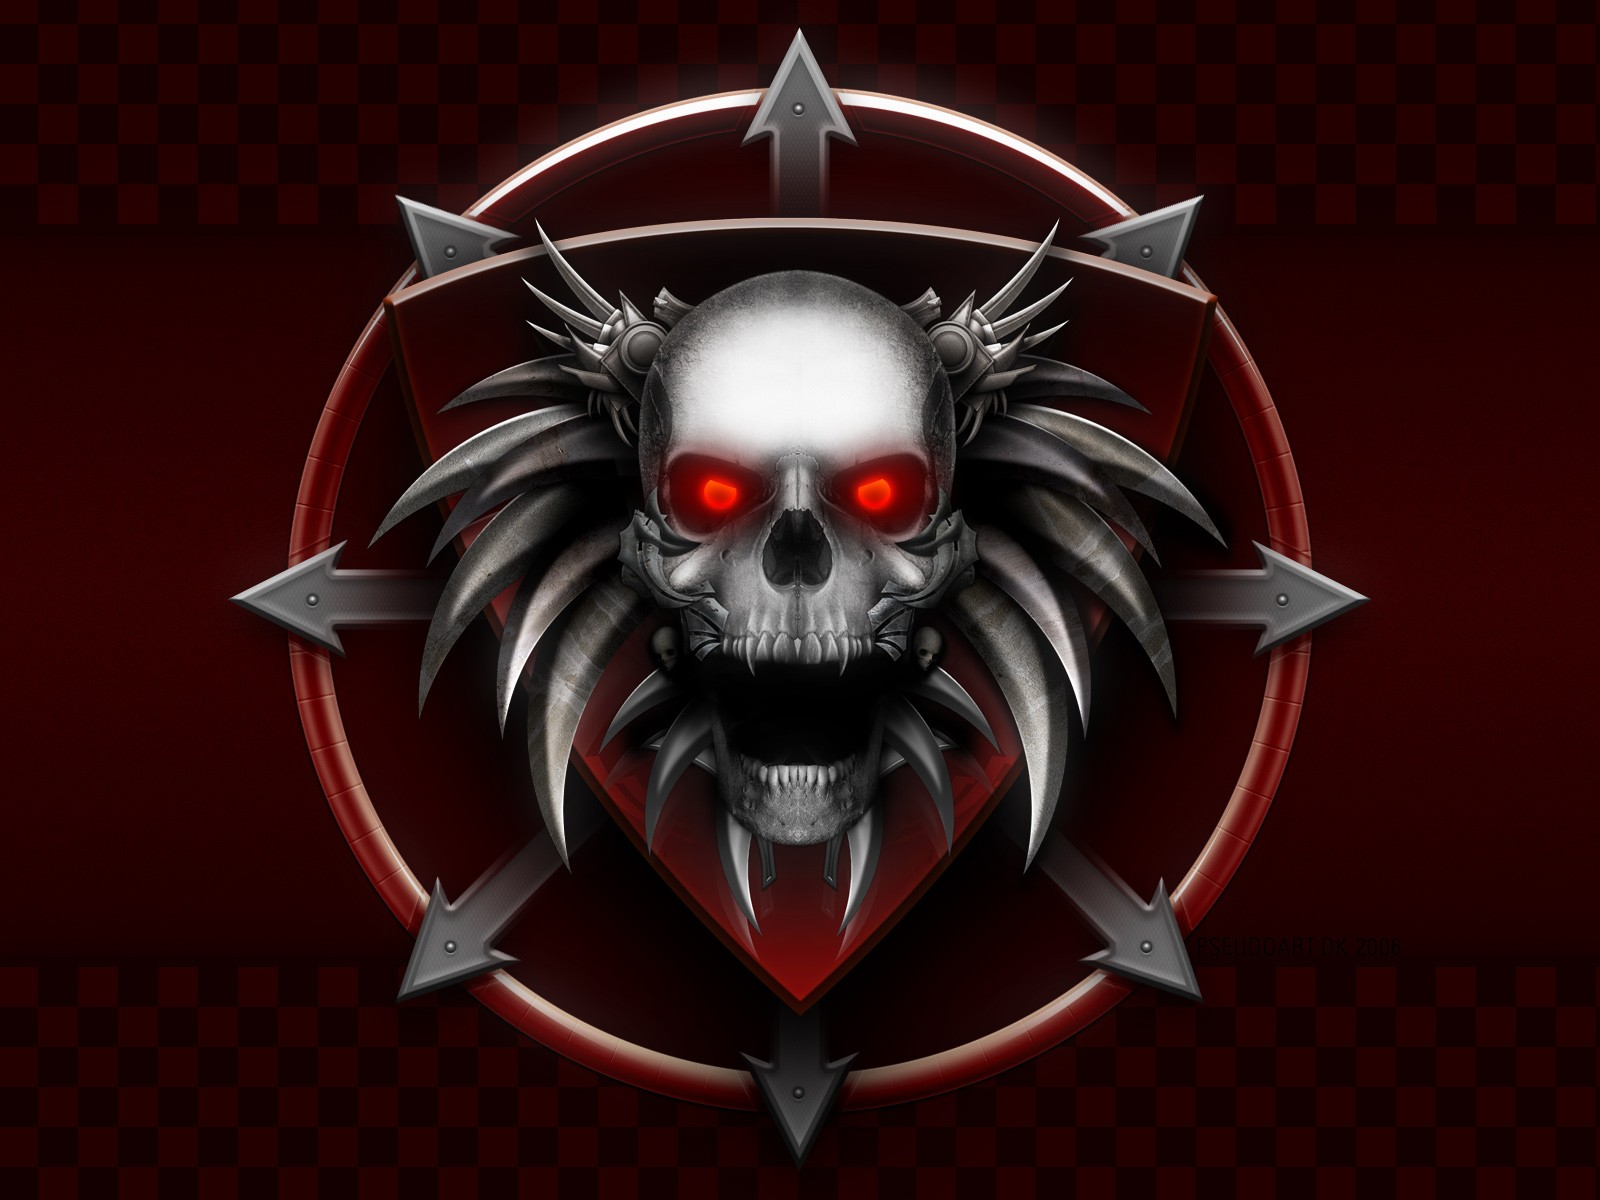 evil demon skulls wallpaper -#main